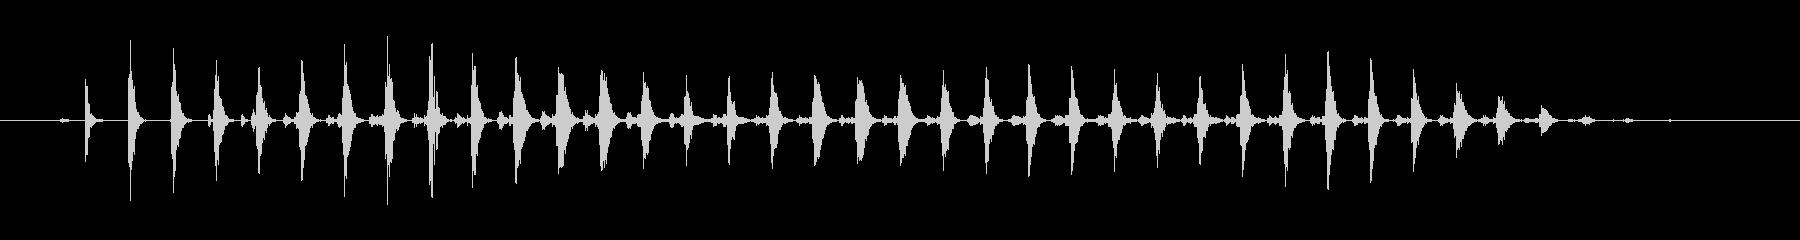 おかしなコミカルな効果音 パワーダウンの未再生の波形